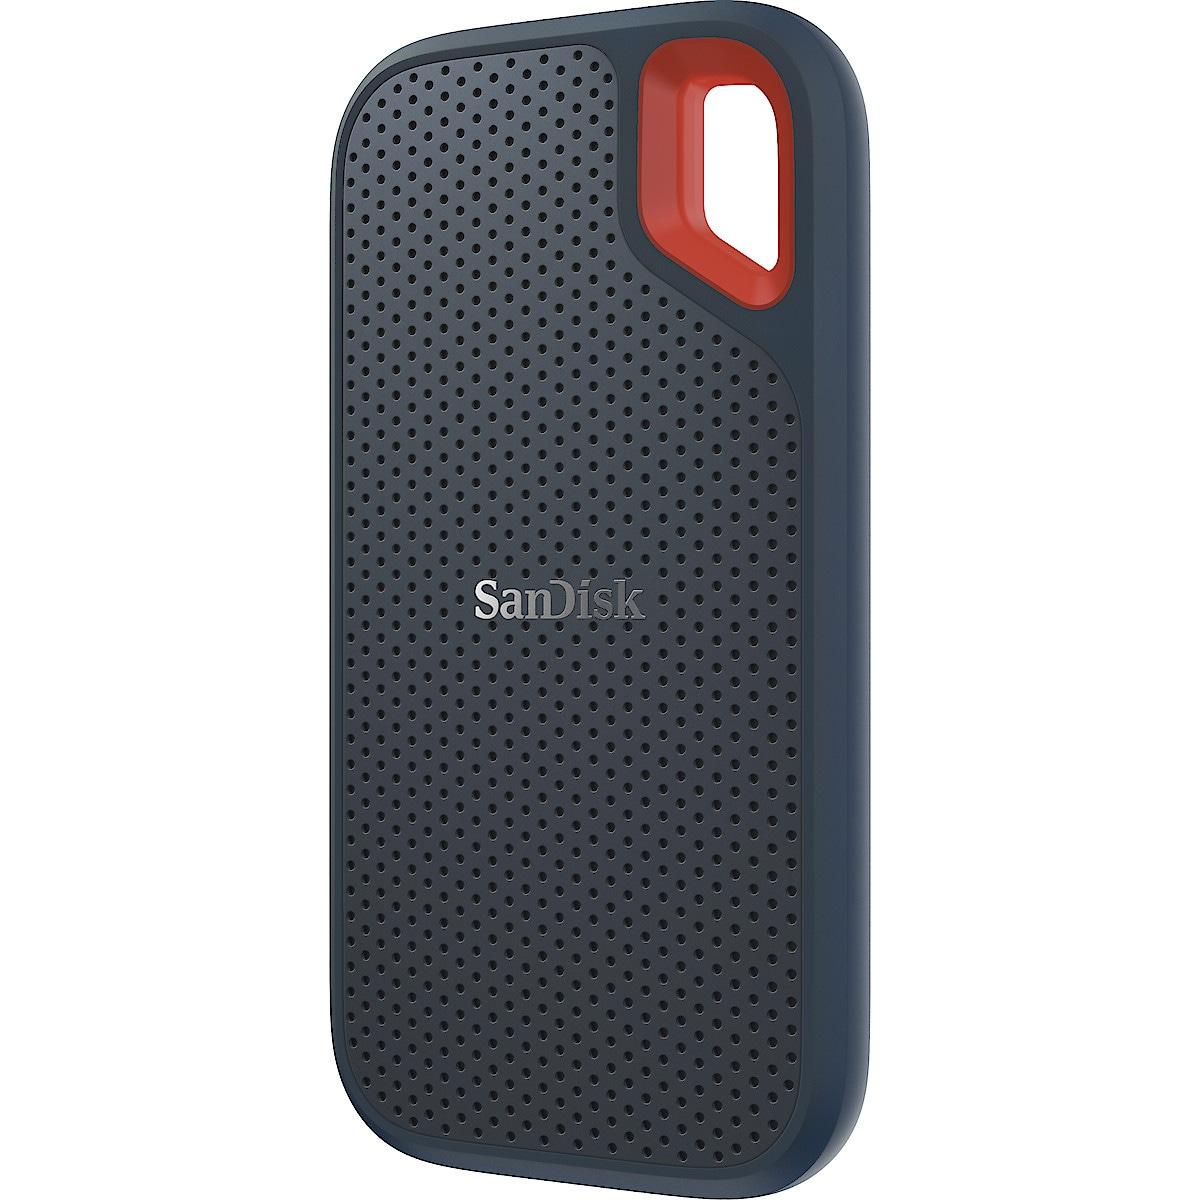 Hårddisk Sandisk Extreme Portable SSD 500 GB